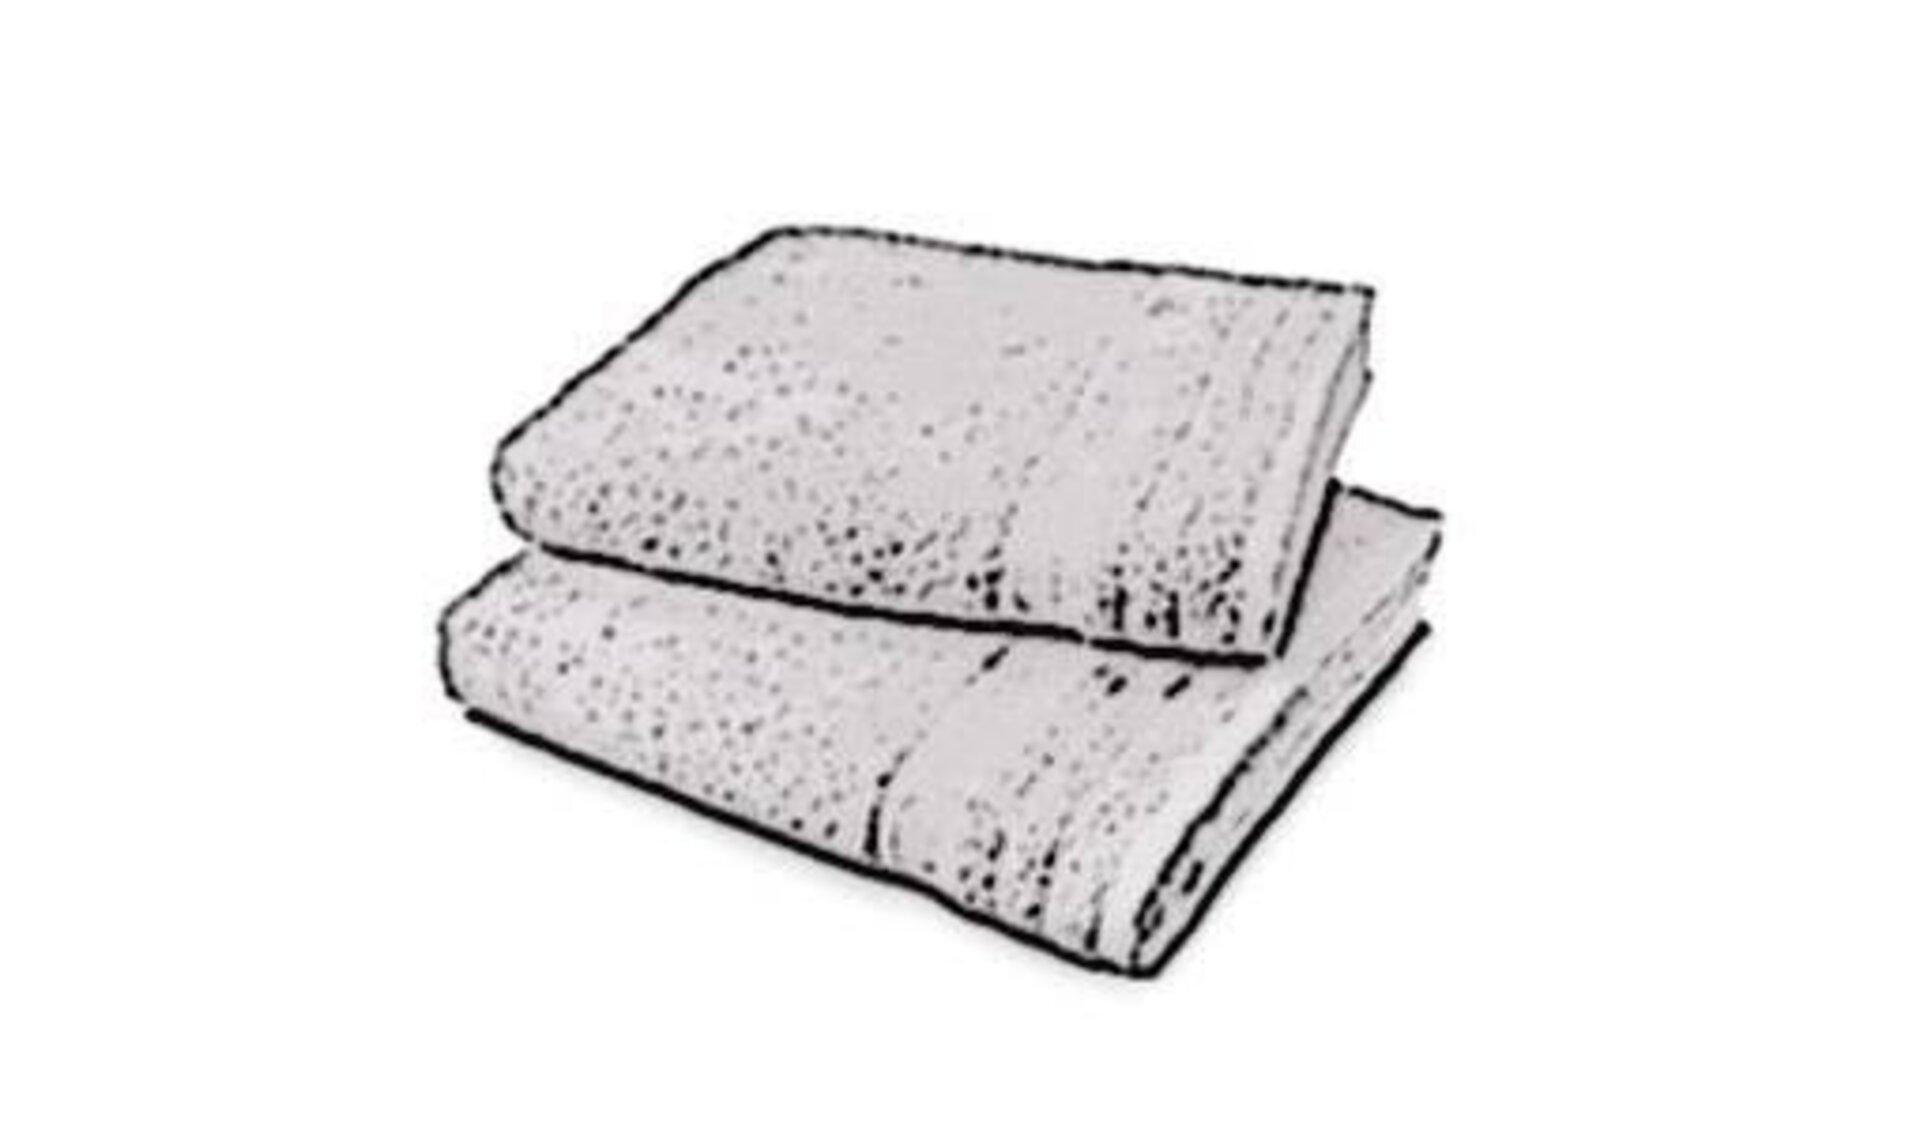 Icon für Handtücher und Waschlappen zeigt ein gefaltetes Frotte-Badetuch und darauf einen Waschlappen, ebenfalls aus Frotte.